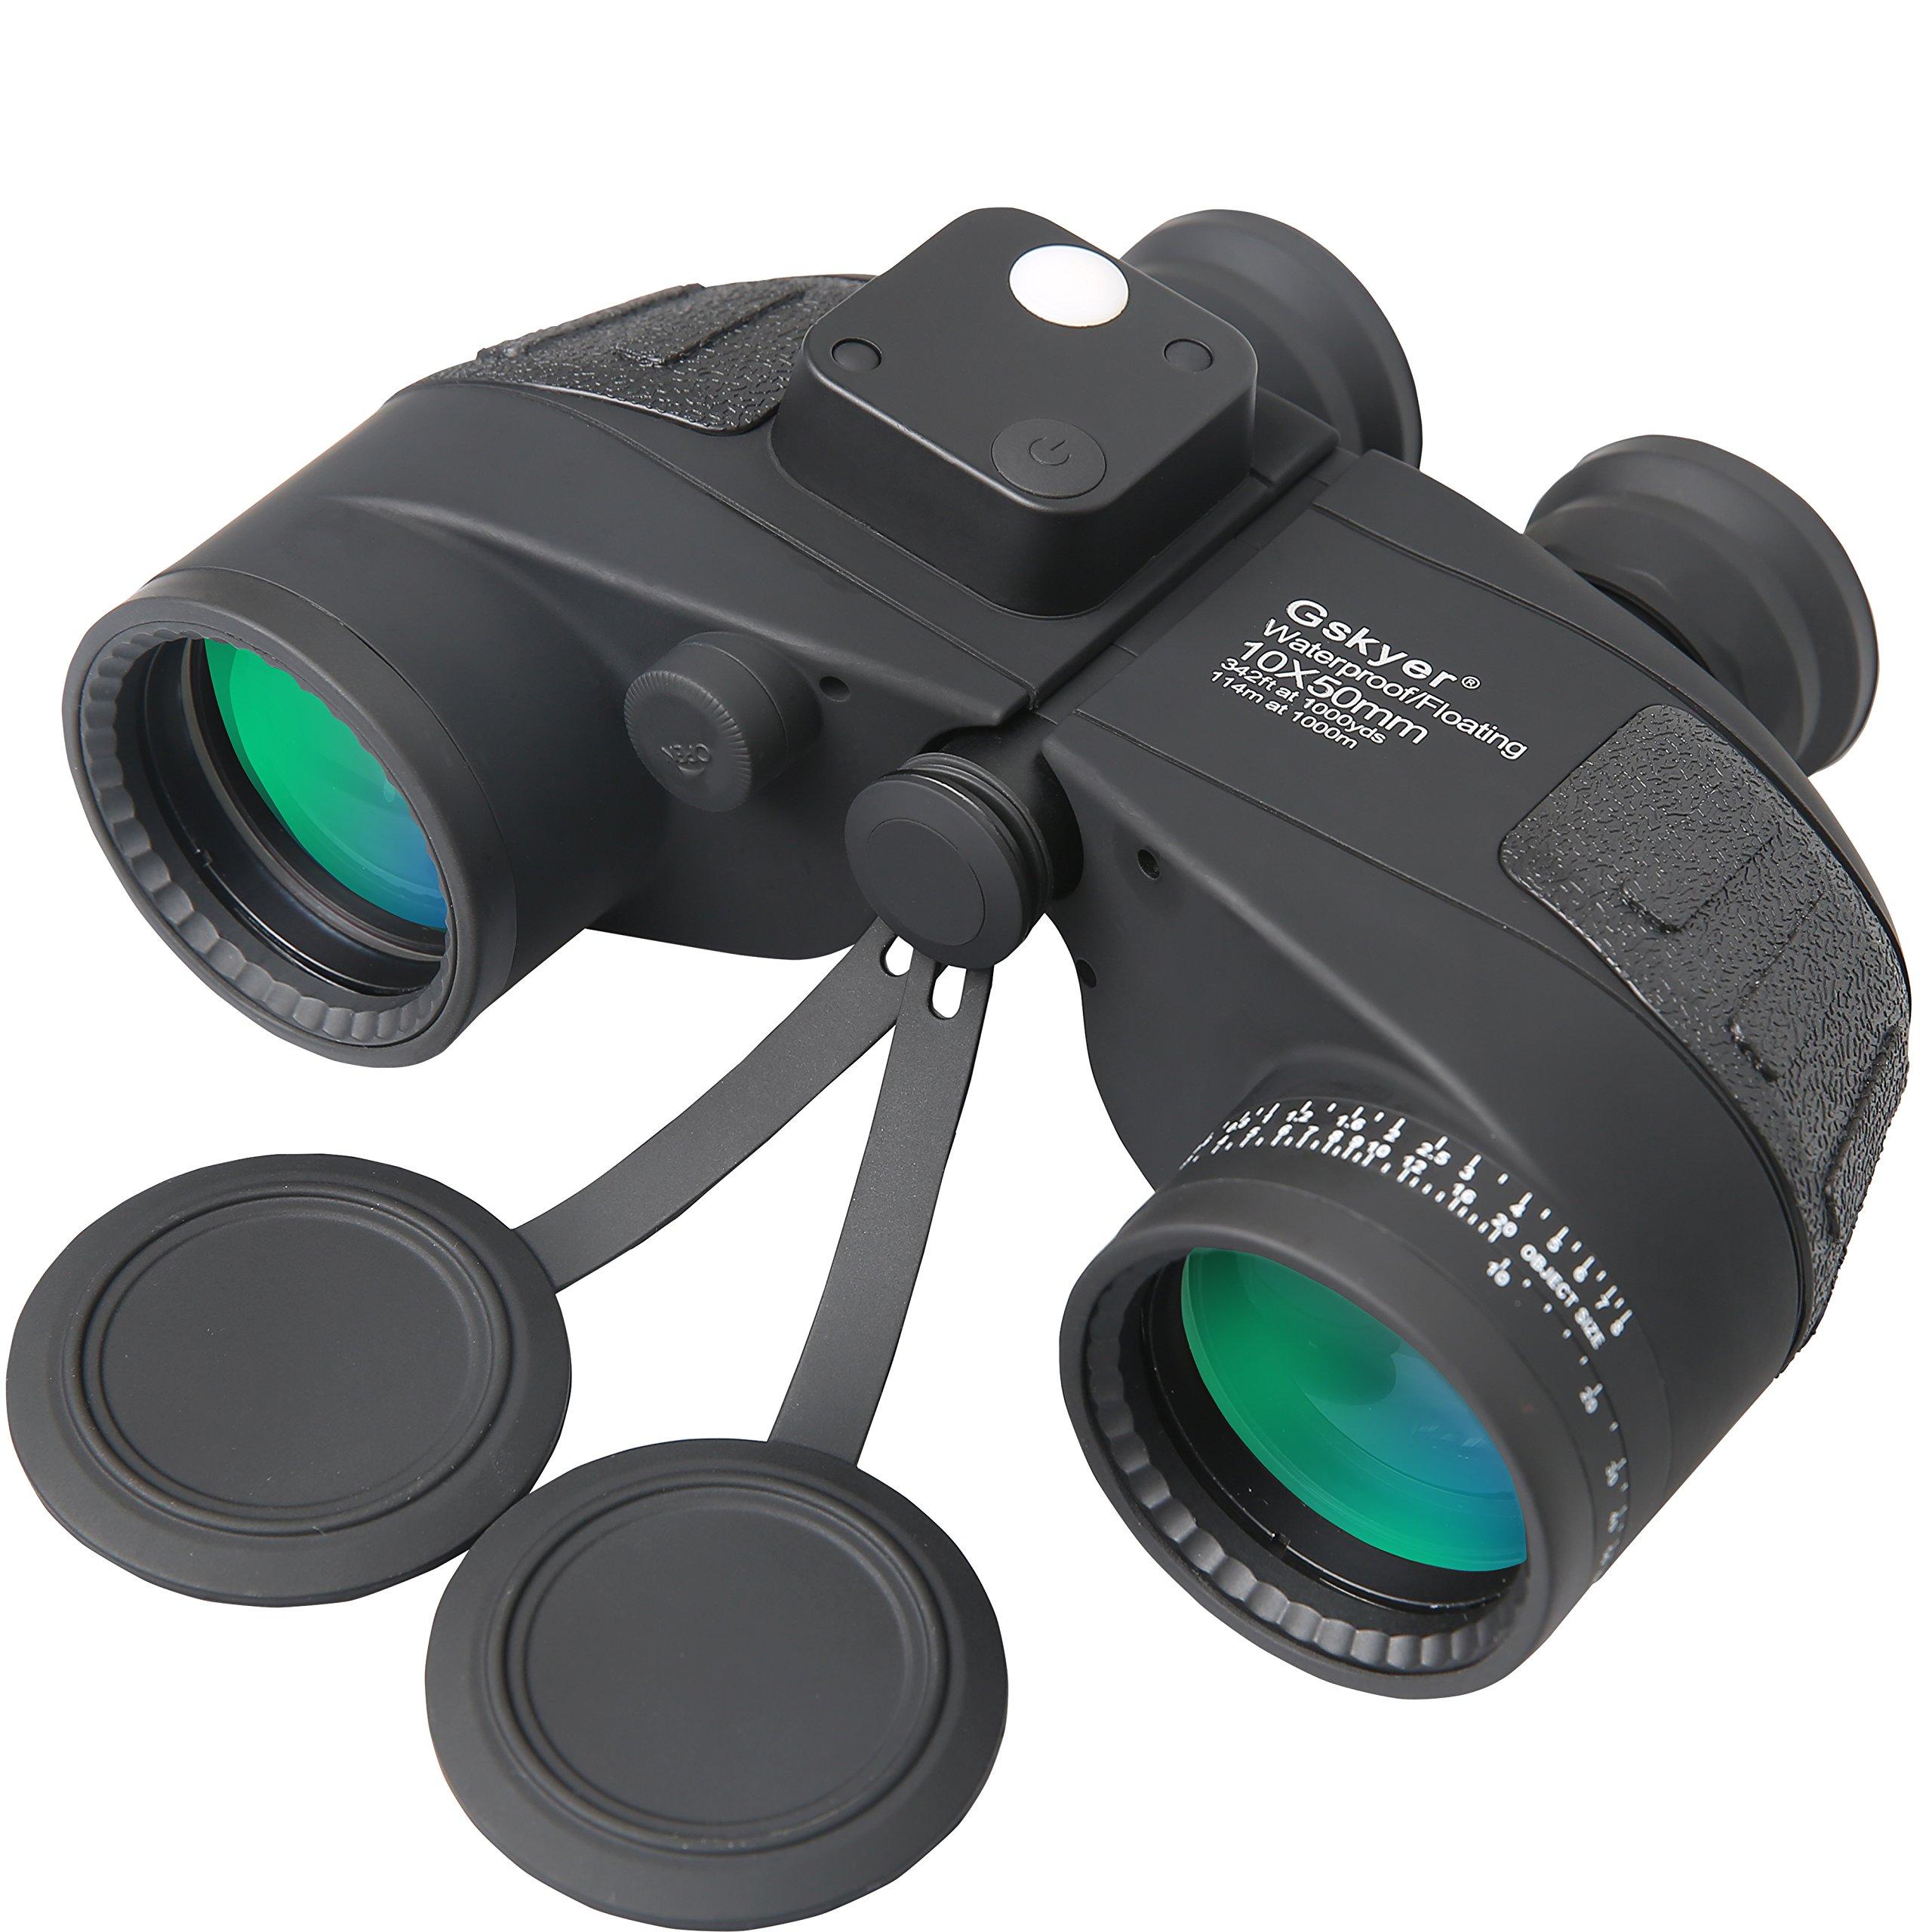 Gskyer Binoculars, 10X50 Bak4 Sightseeing compass Binoculars,travel professional binoculars by Gskyer